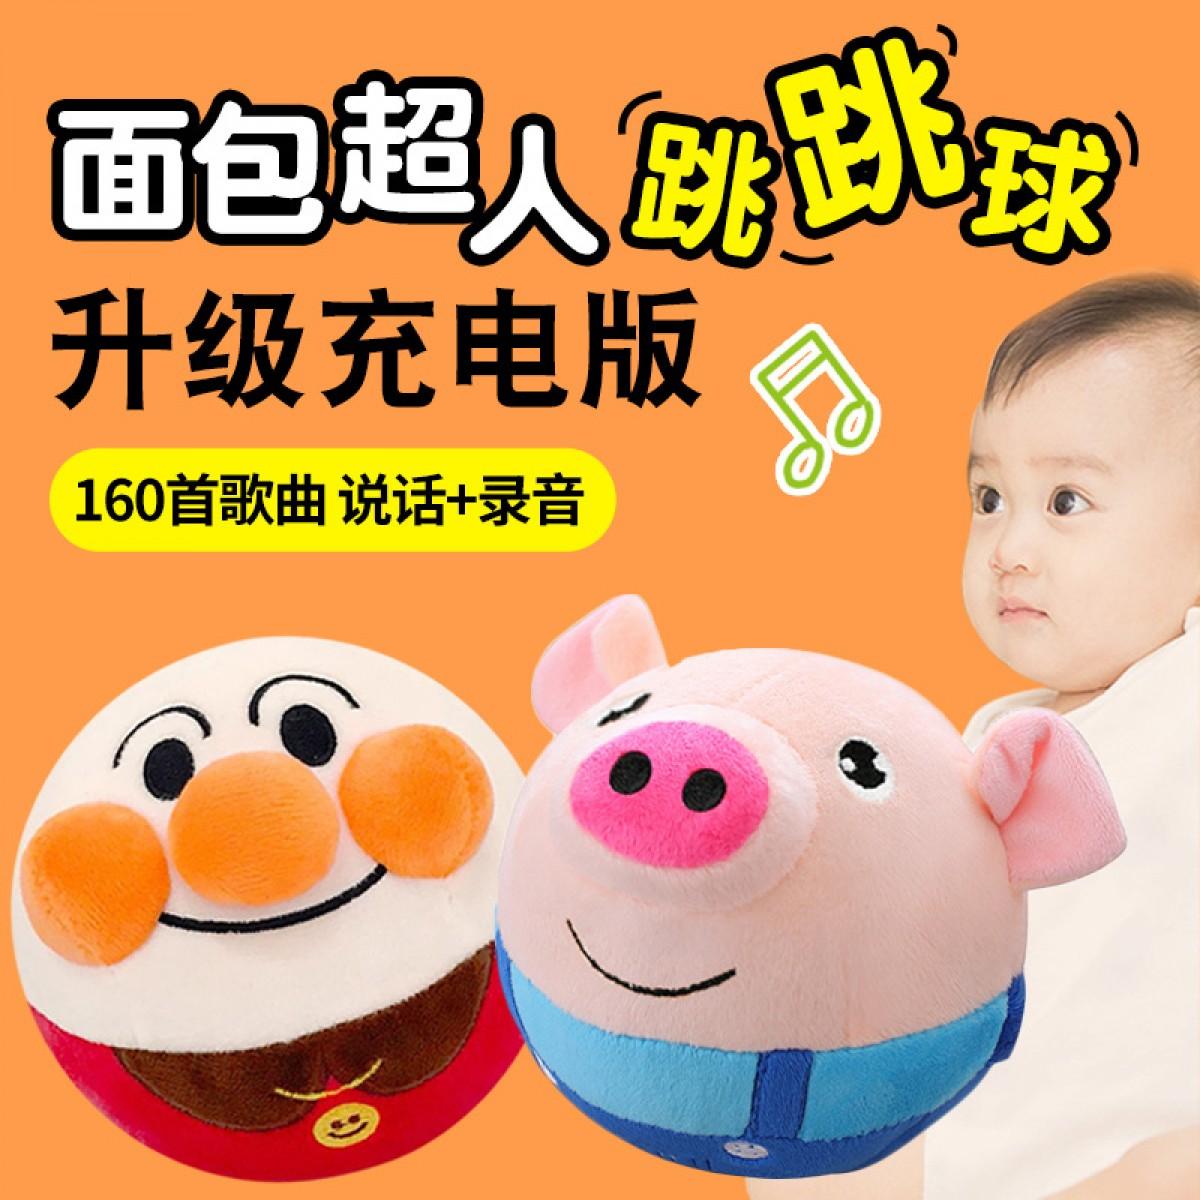 跳跳跳猪猪面包超人玩具儿童网红海草猪跳跳球抖音同款学会说话